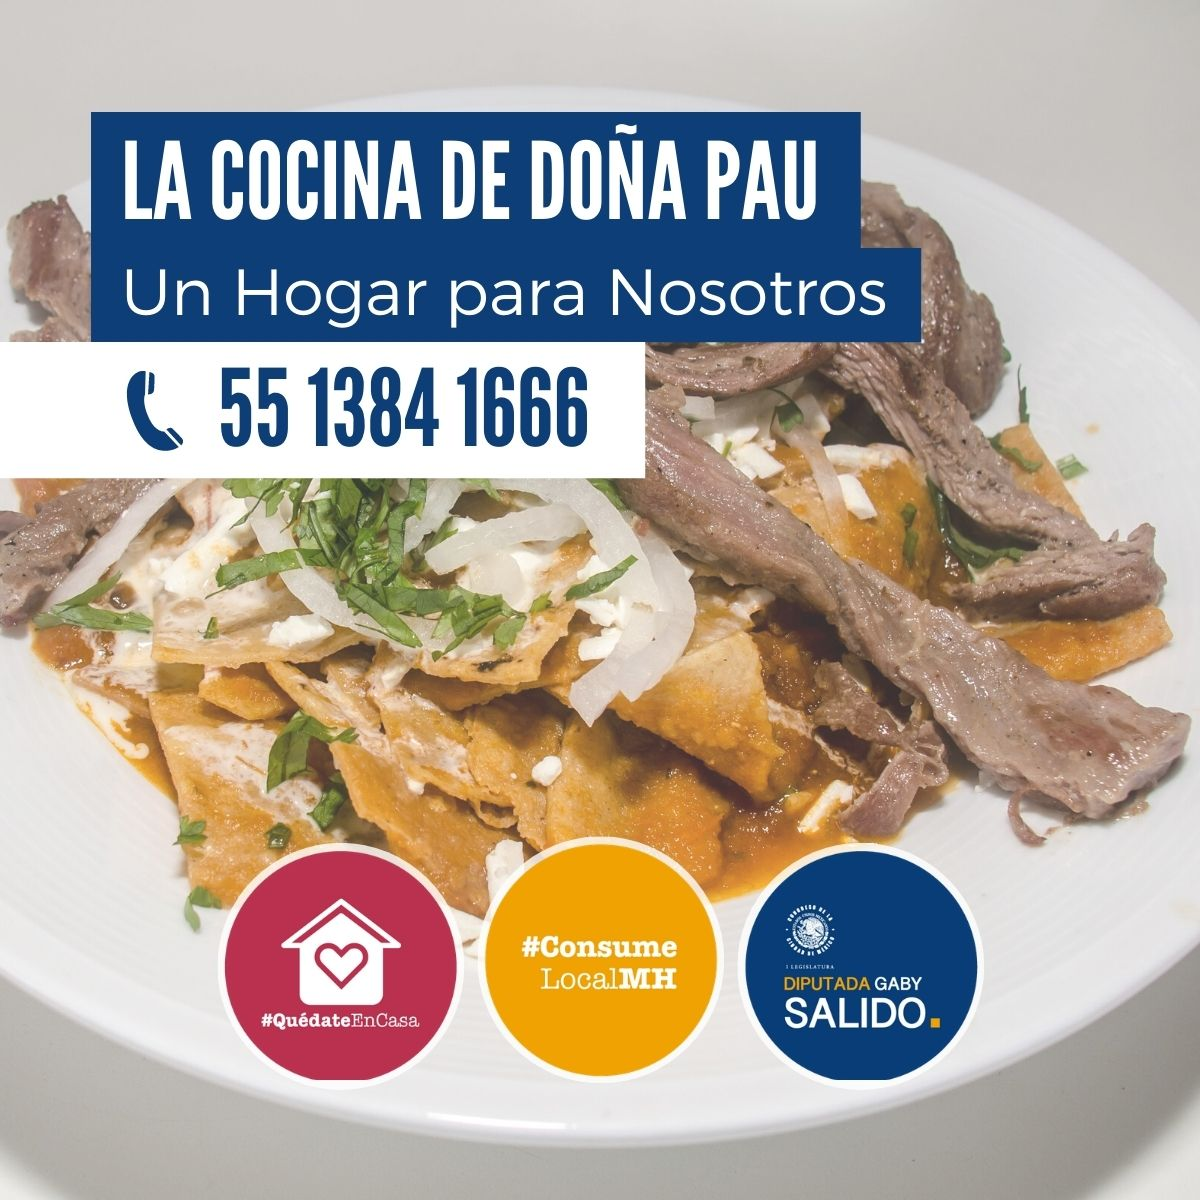 La Cocina de Doña Pau